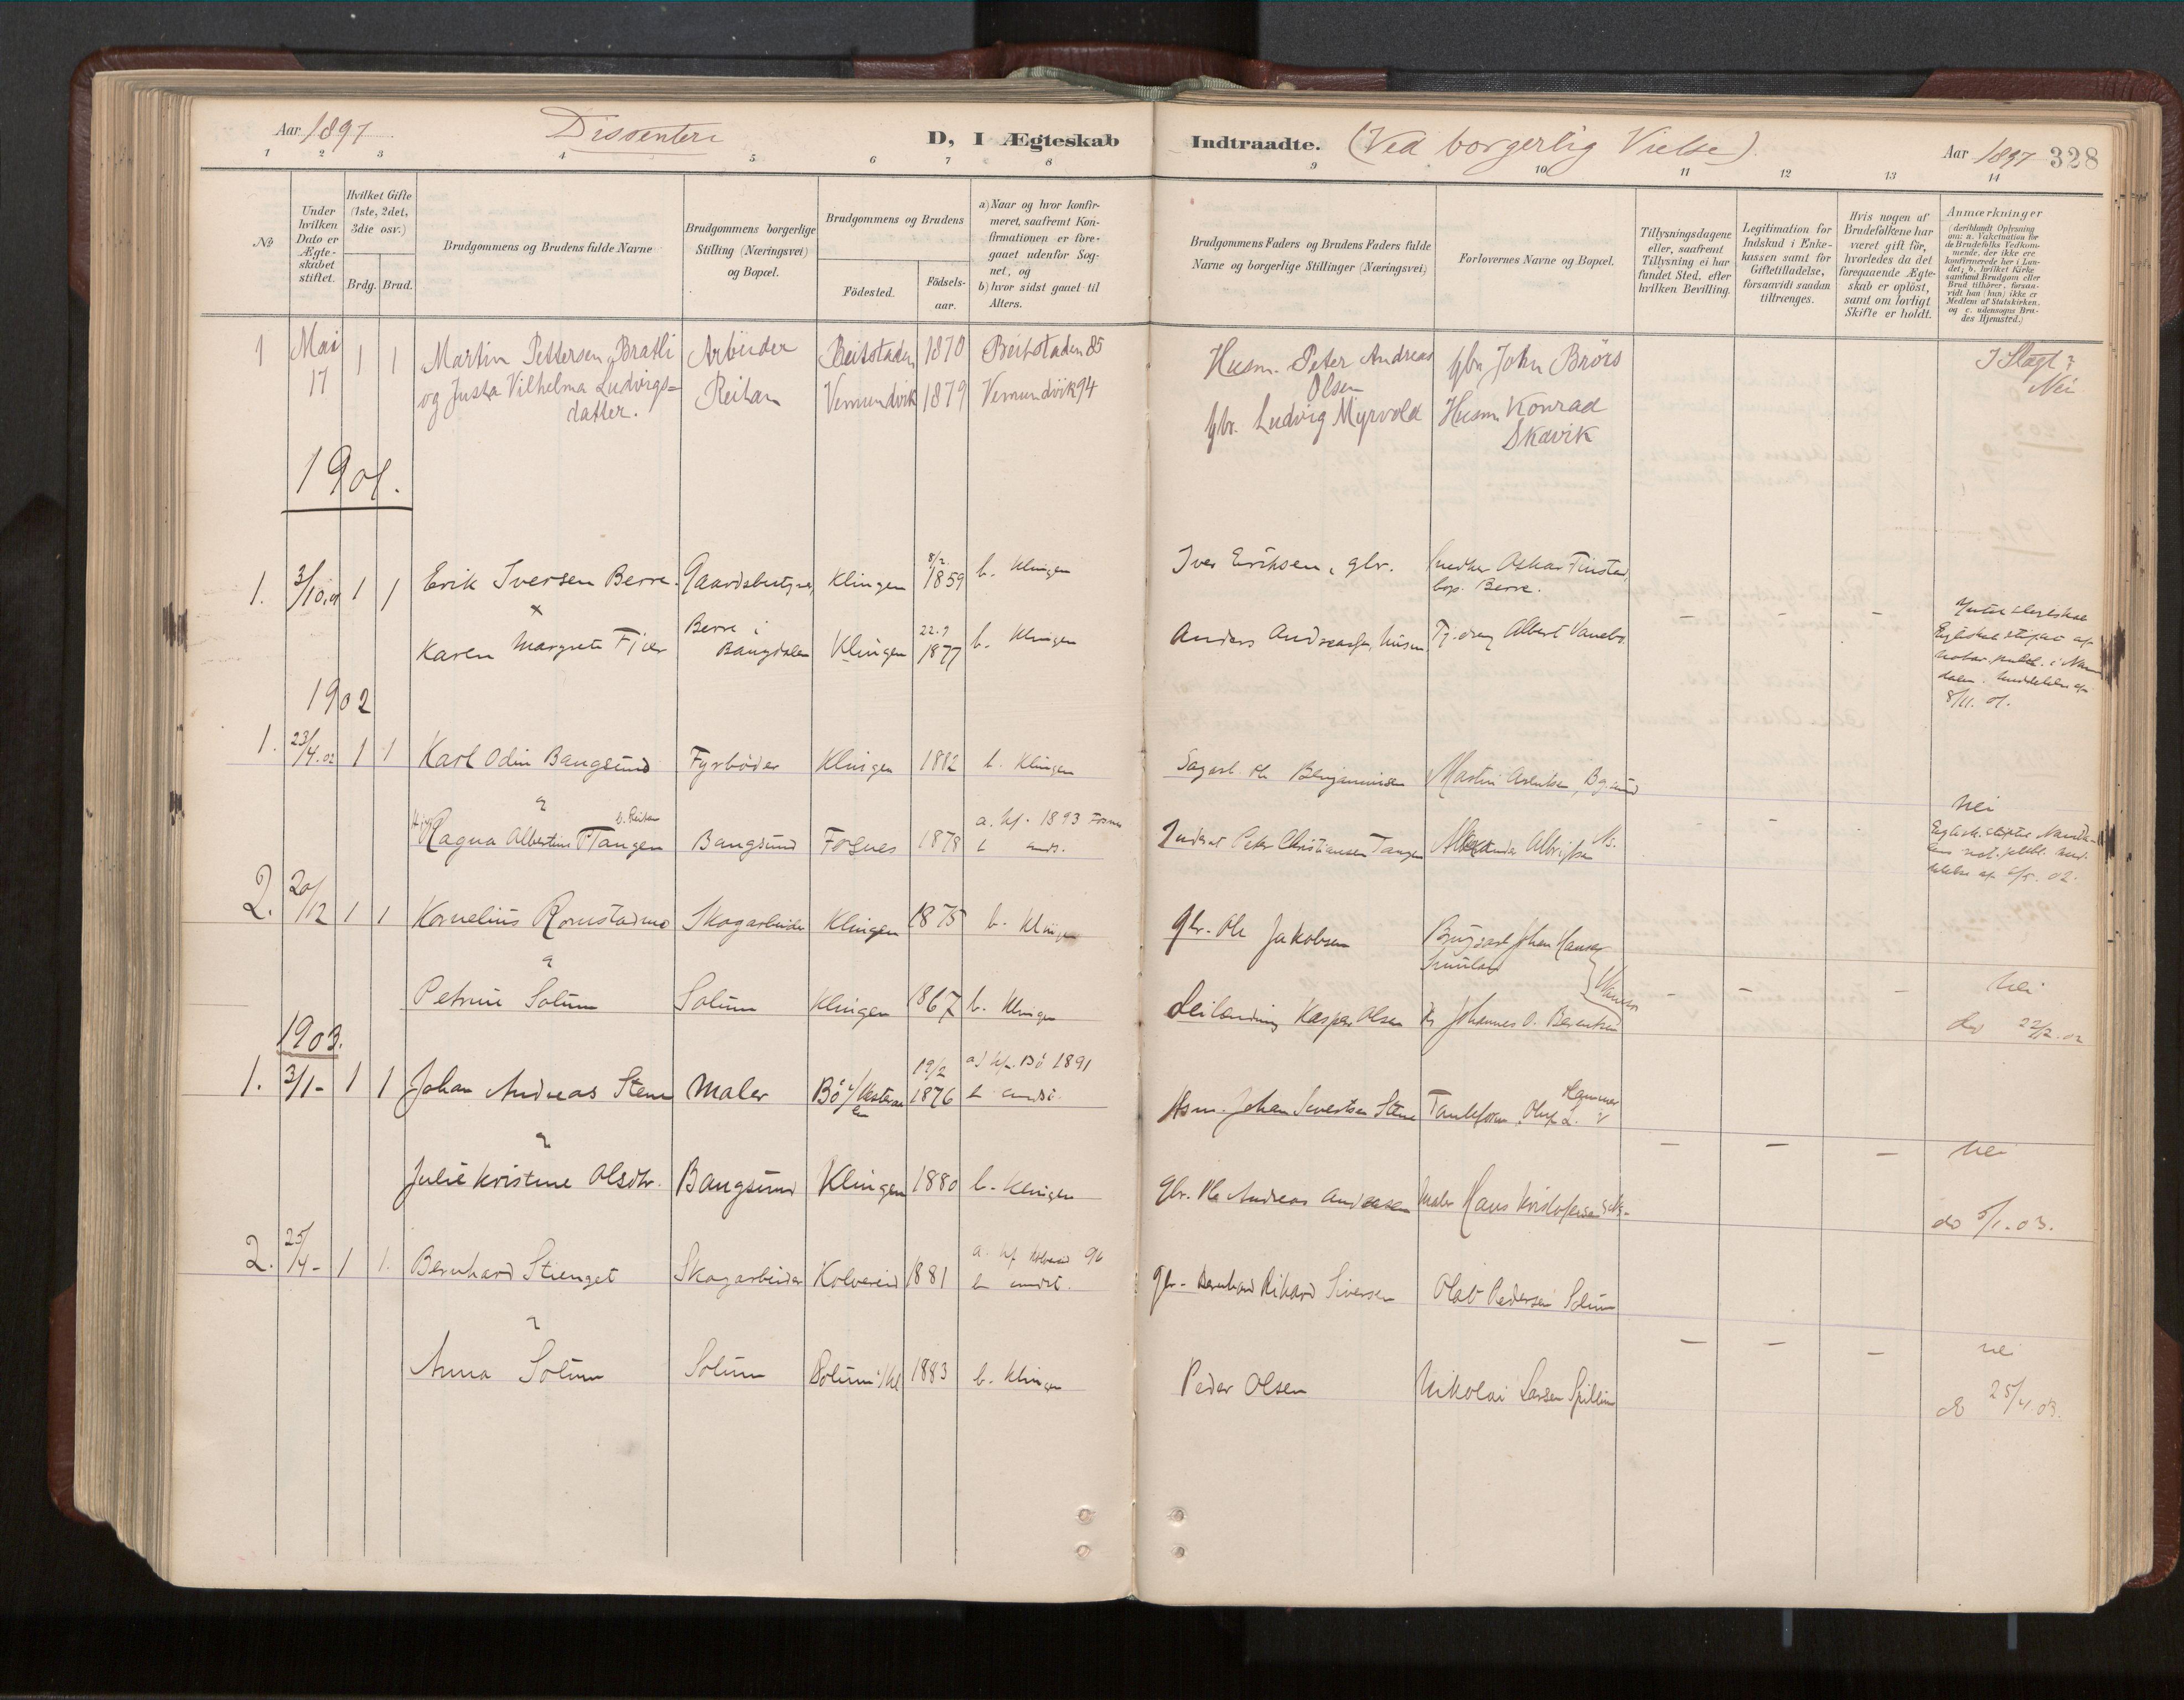 SAT, Ministerialprotokoller, klokkerbøker og fødselsregistre - Nord-Trøndelag, 770/L0589: Ministerialbok nr. 770A03, 1887-1929, s. 328